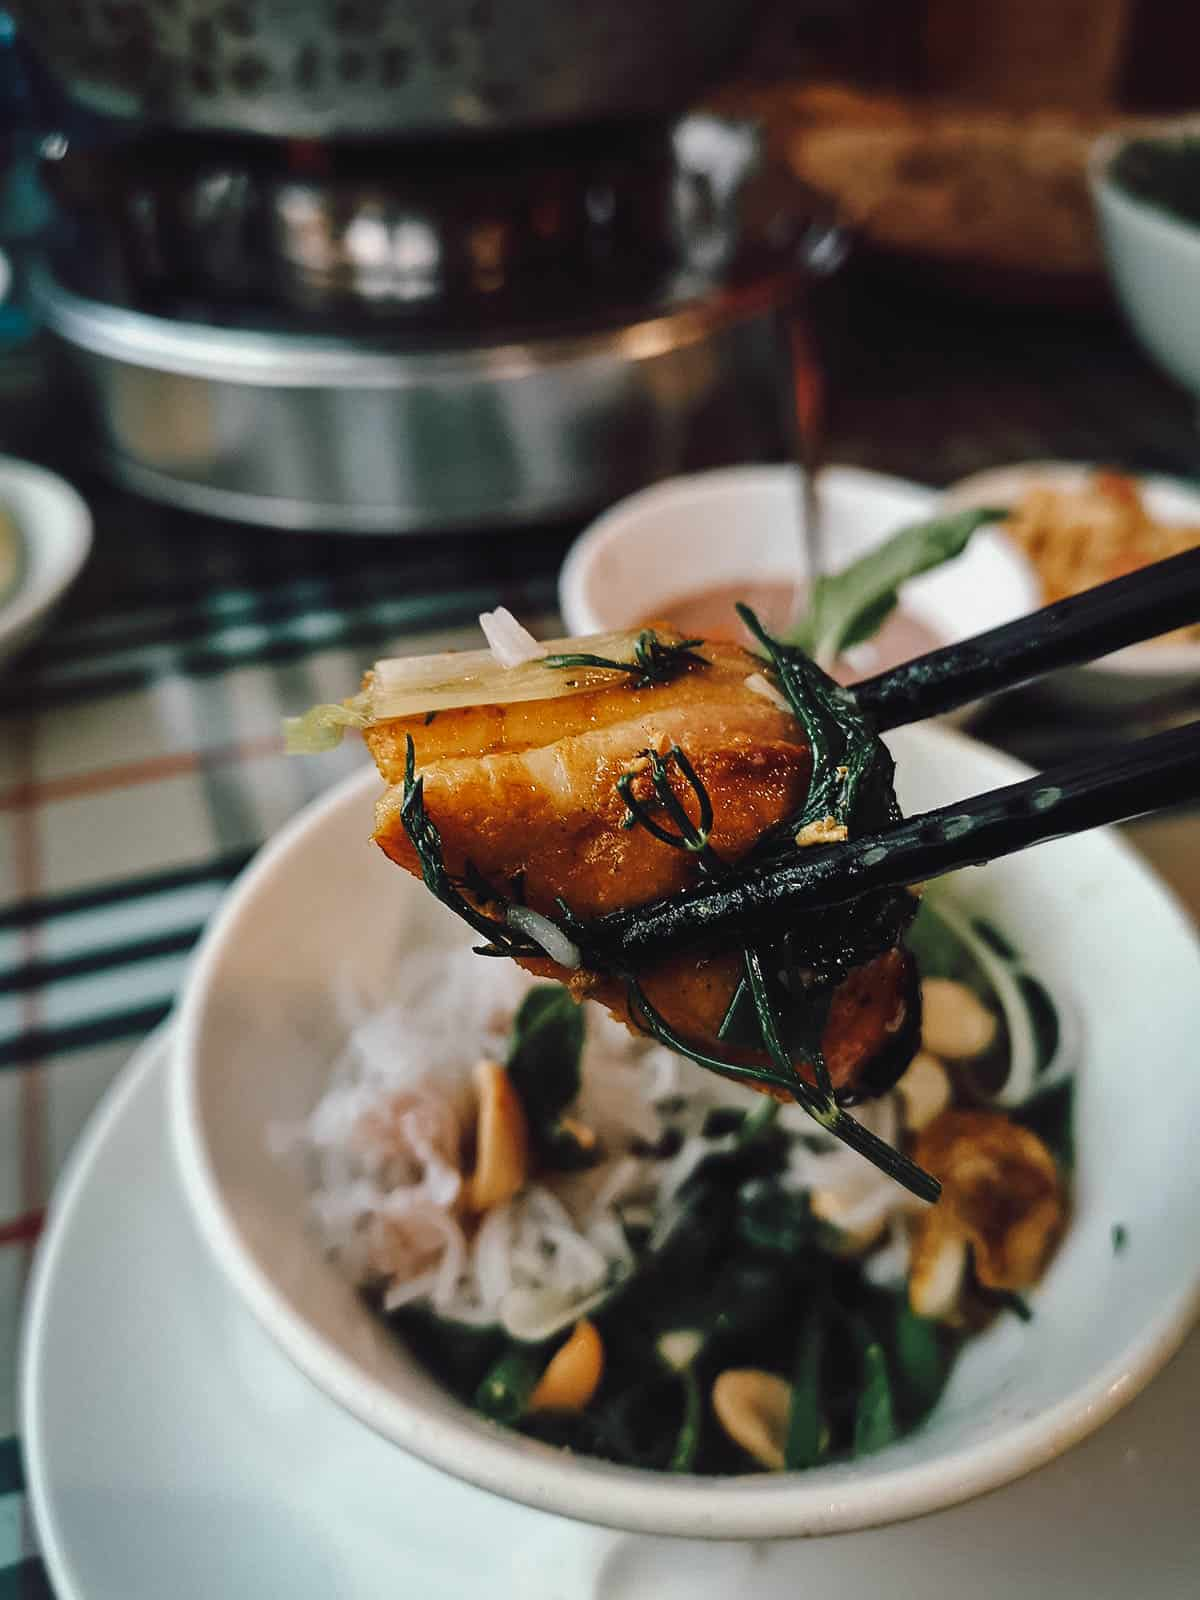 Getting ready to eat cha ca at Chả Cá Lão Ngư